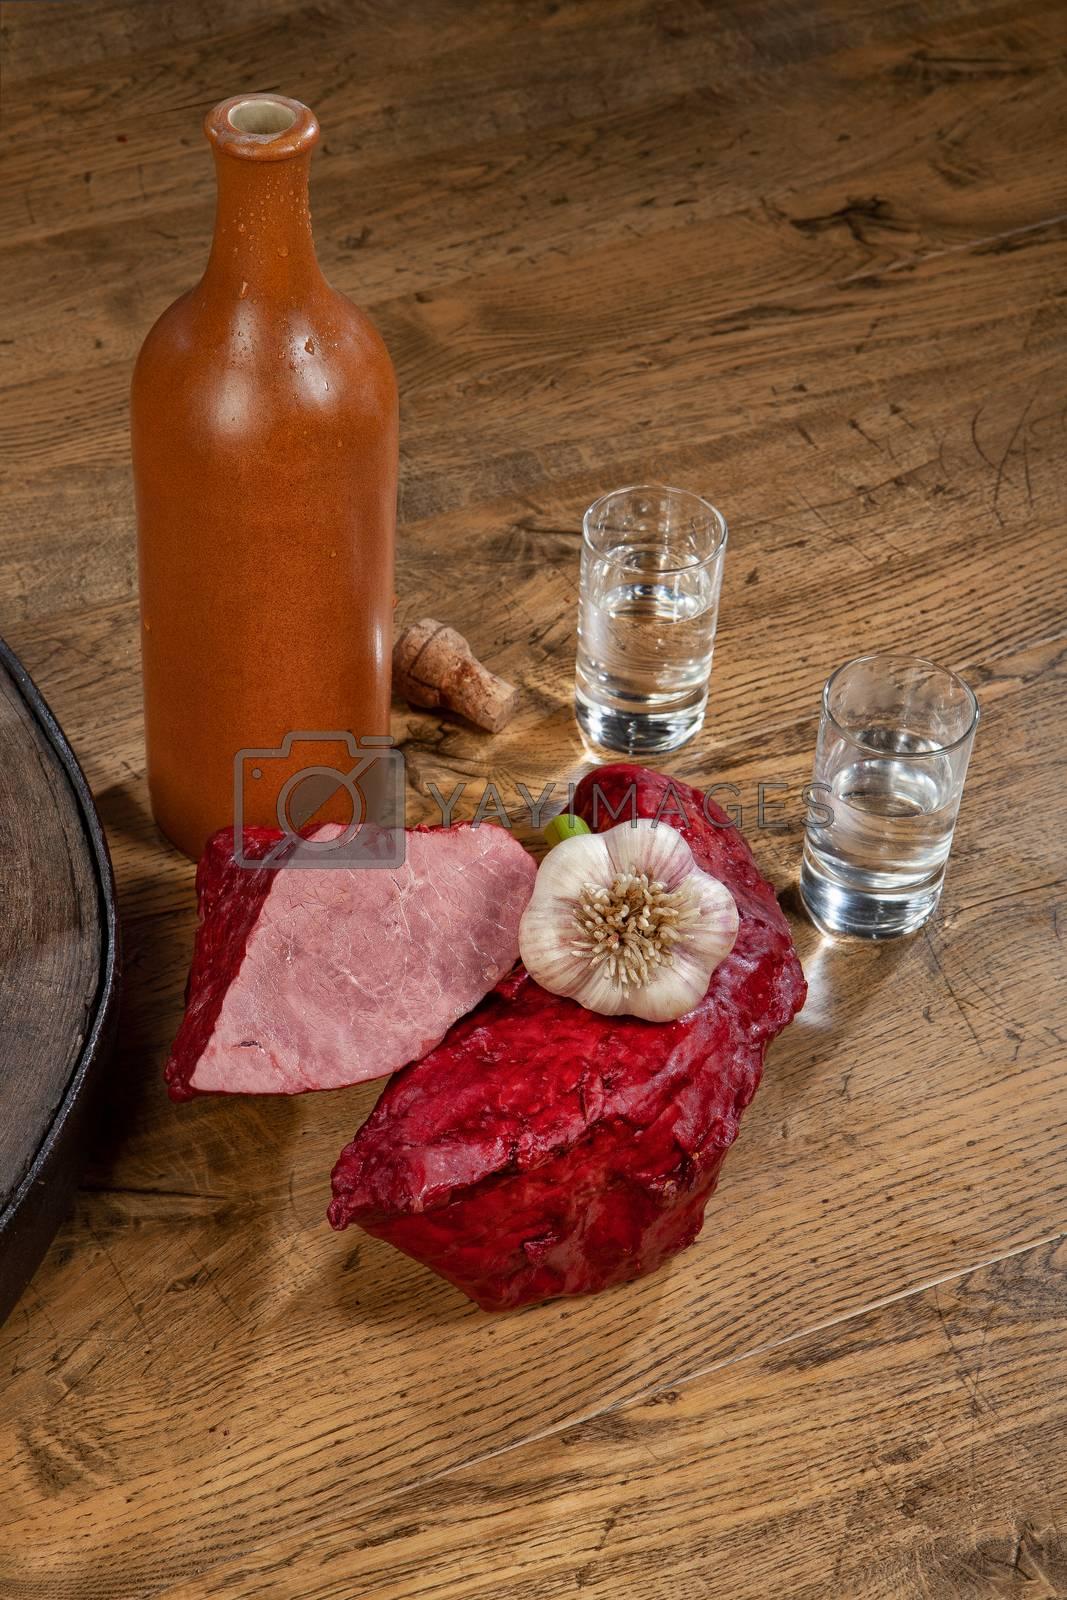 Ham sausage, ceramic bottle and glasses of vodka on a wooden desk